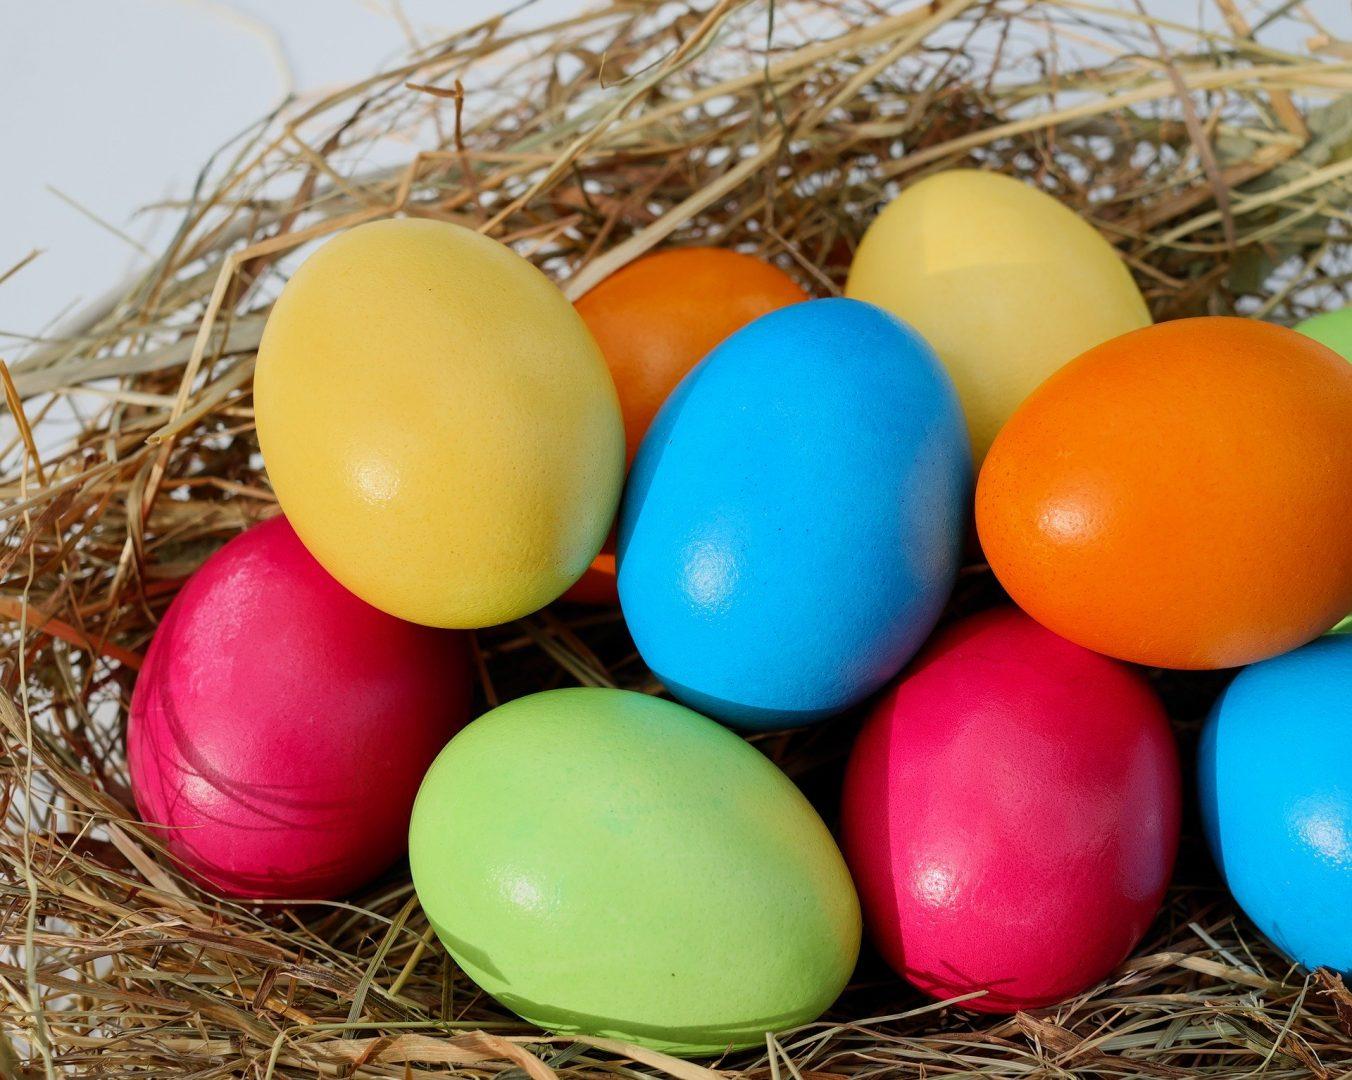 великденски снимки Как да блеснем с най-хубавите снимки на великденски яйца А1 Блог